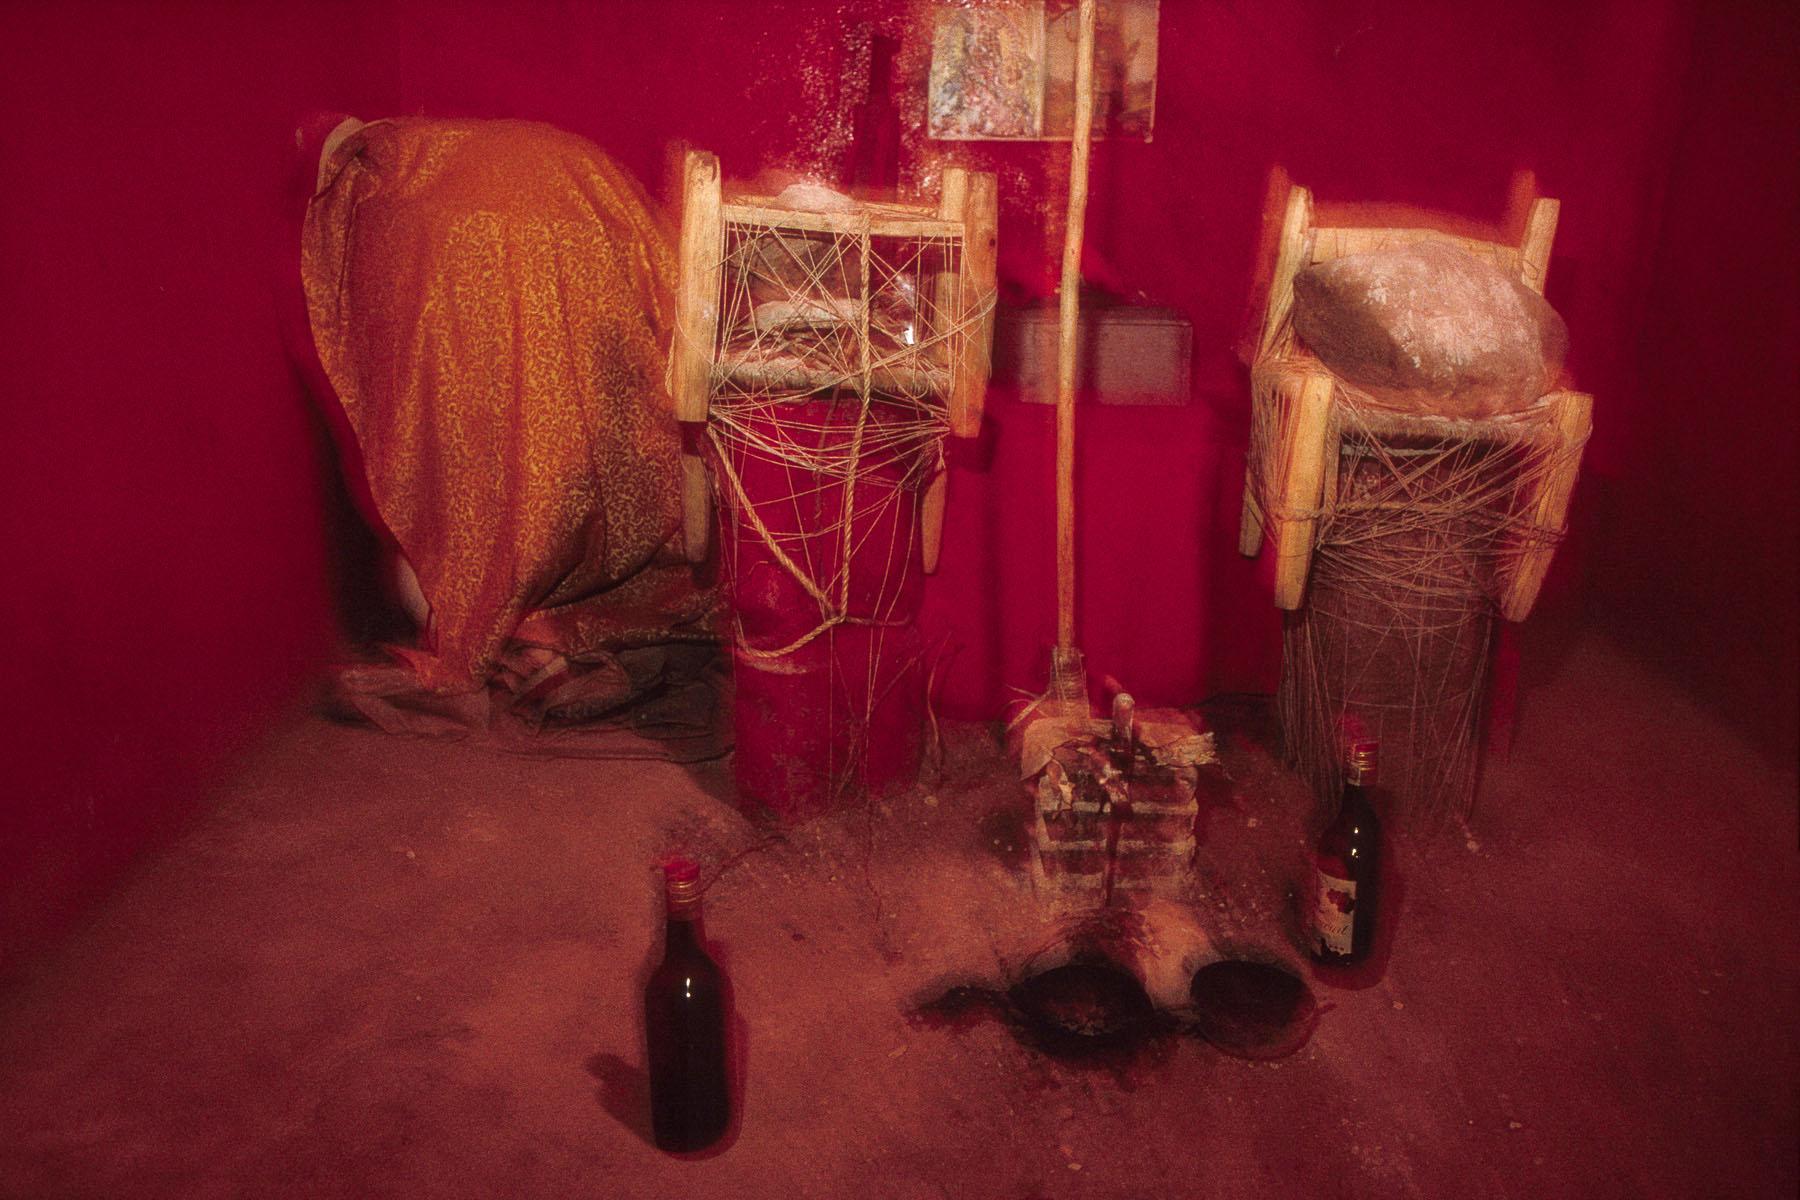 Altar, Petro rite in October 1995